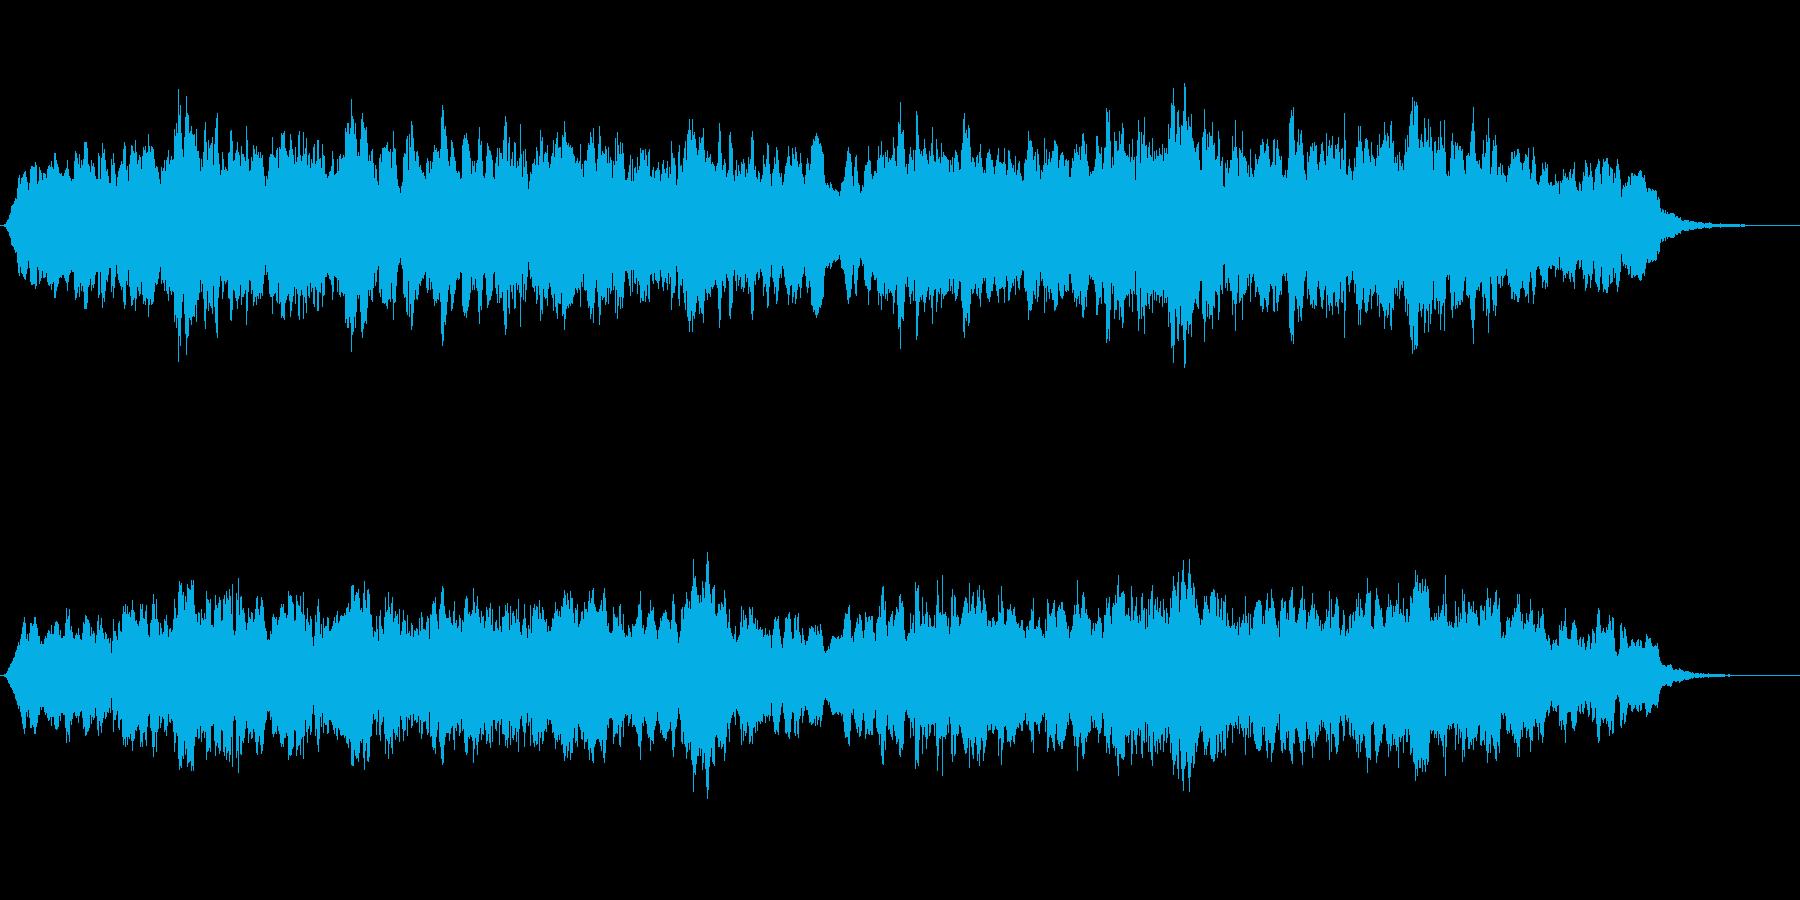 暗い雰囲気のアンビエントなジングルの再生済みの波形